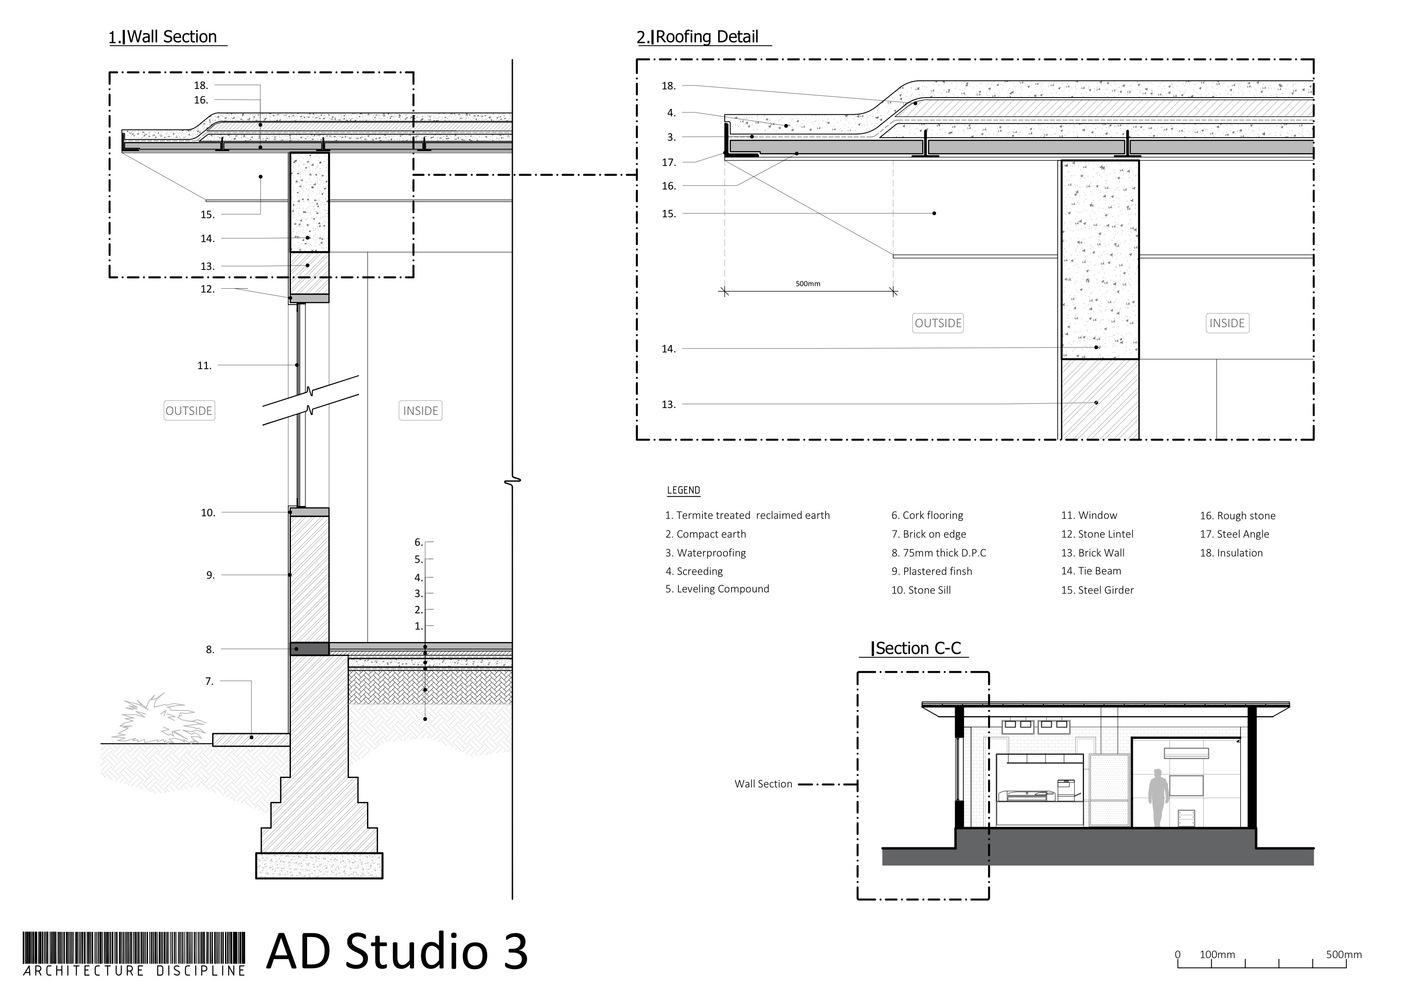 studio 3 architecture discipline [ 1415 x 1000 Pixel ]